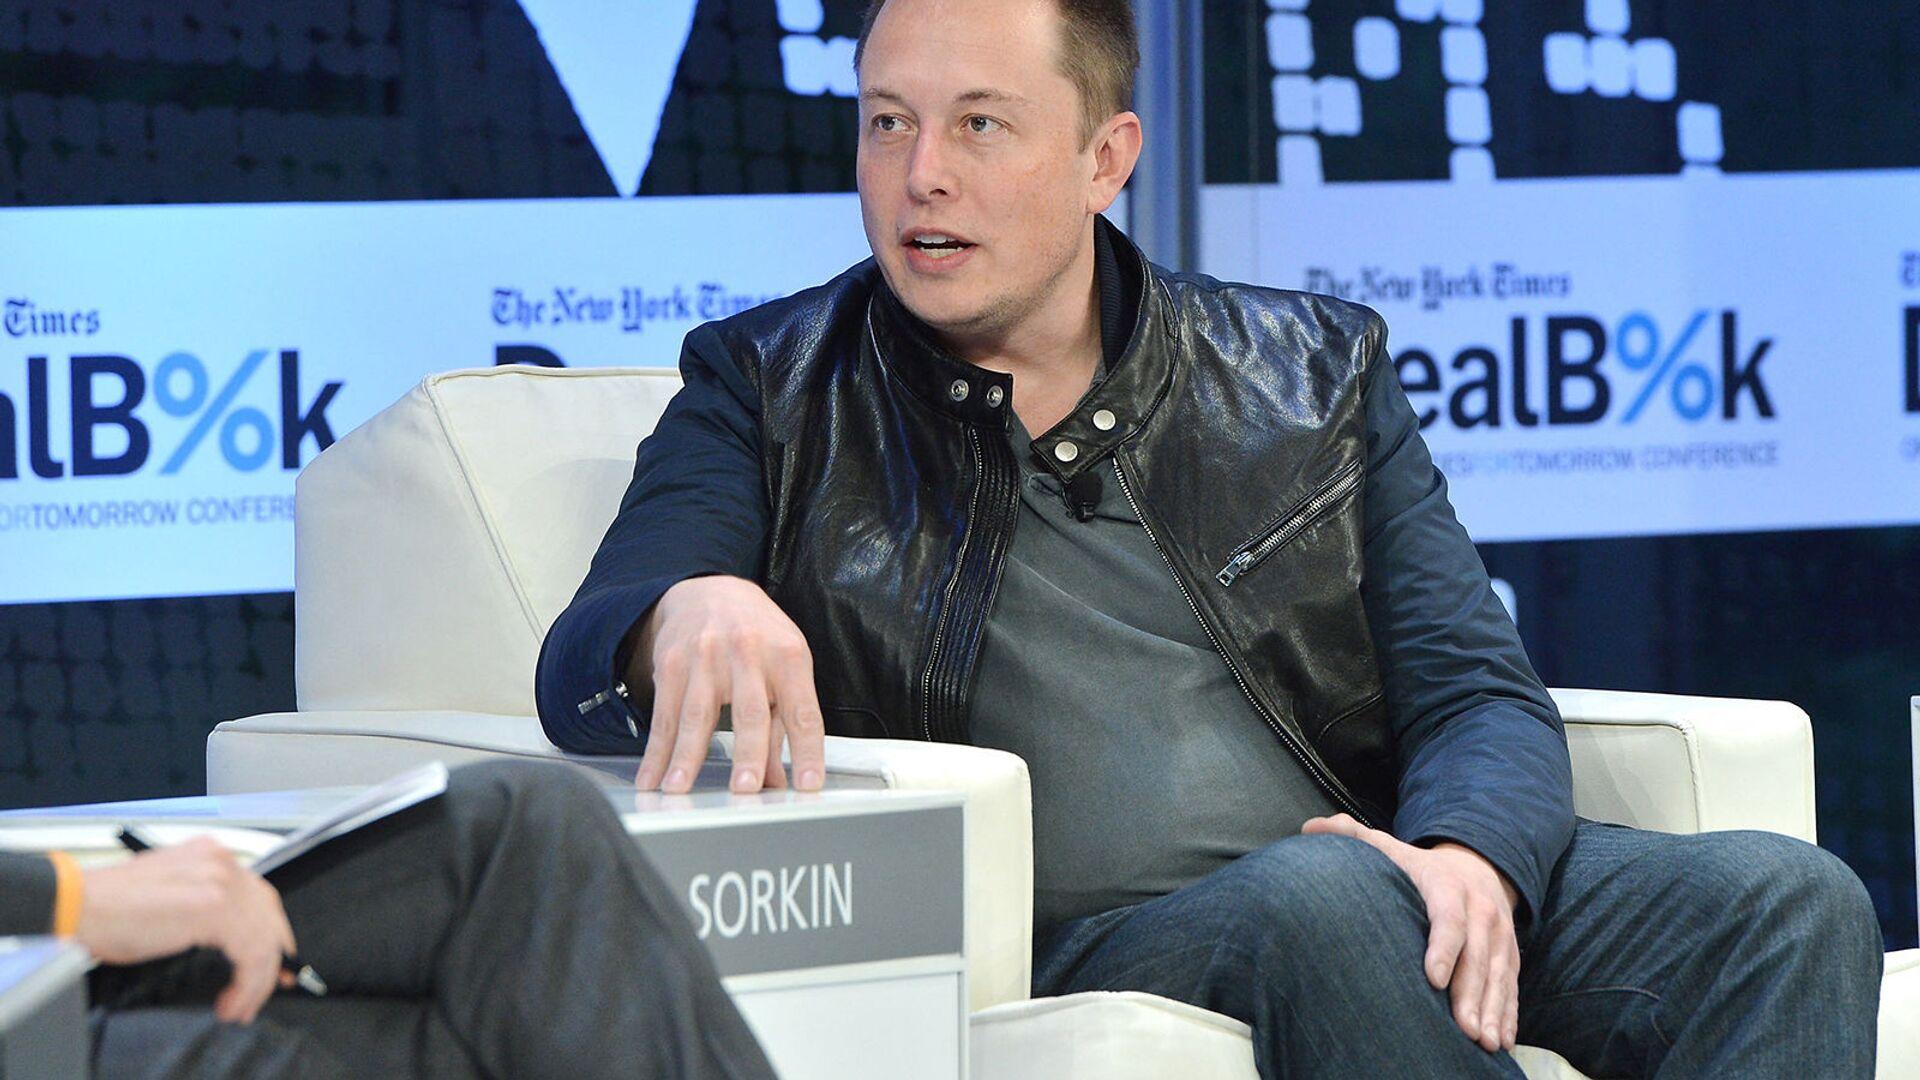 Генеральный директор SpaceX и Tesla Motors Илон Маск на конференции DealBook в New York Times 2013 (12 ноября 2013). Нью-Йорк - Sputnik Армения, 1920, 28.09.2021